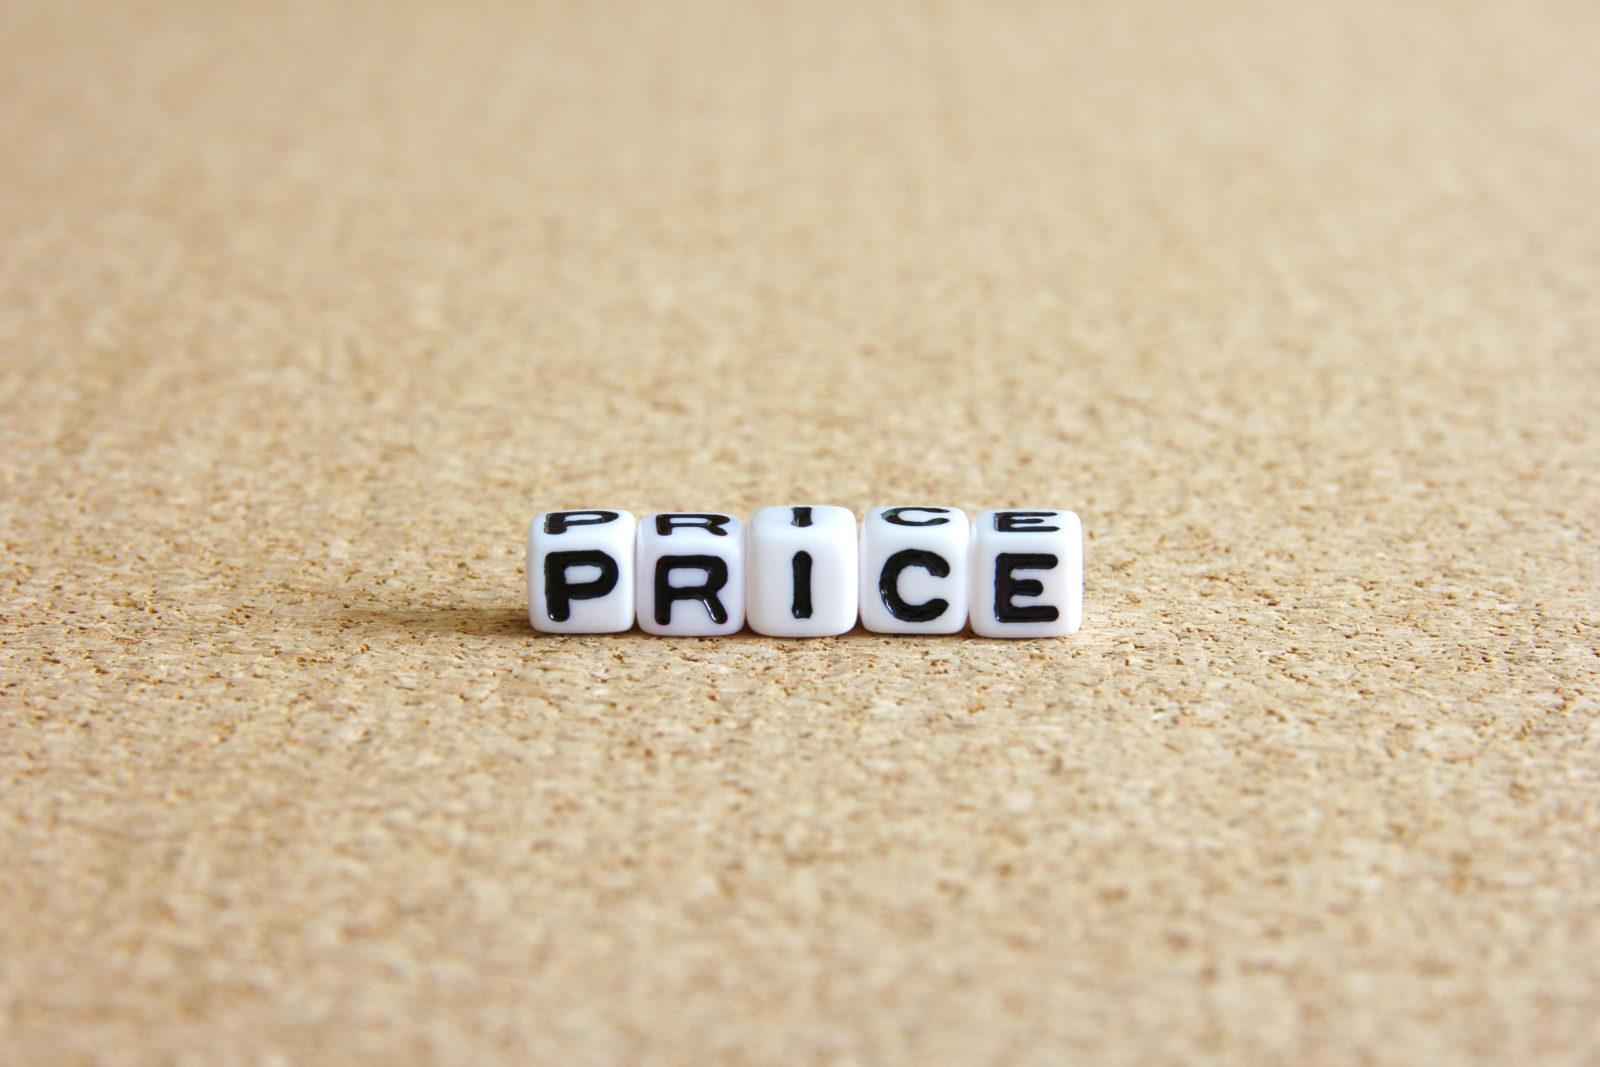 キッチンカー(移動販売車)の価格はいくら?